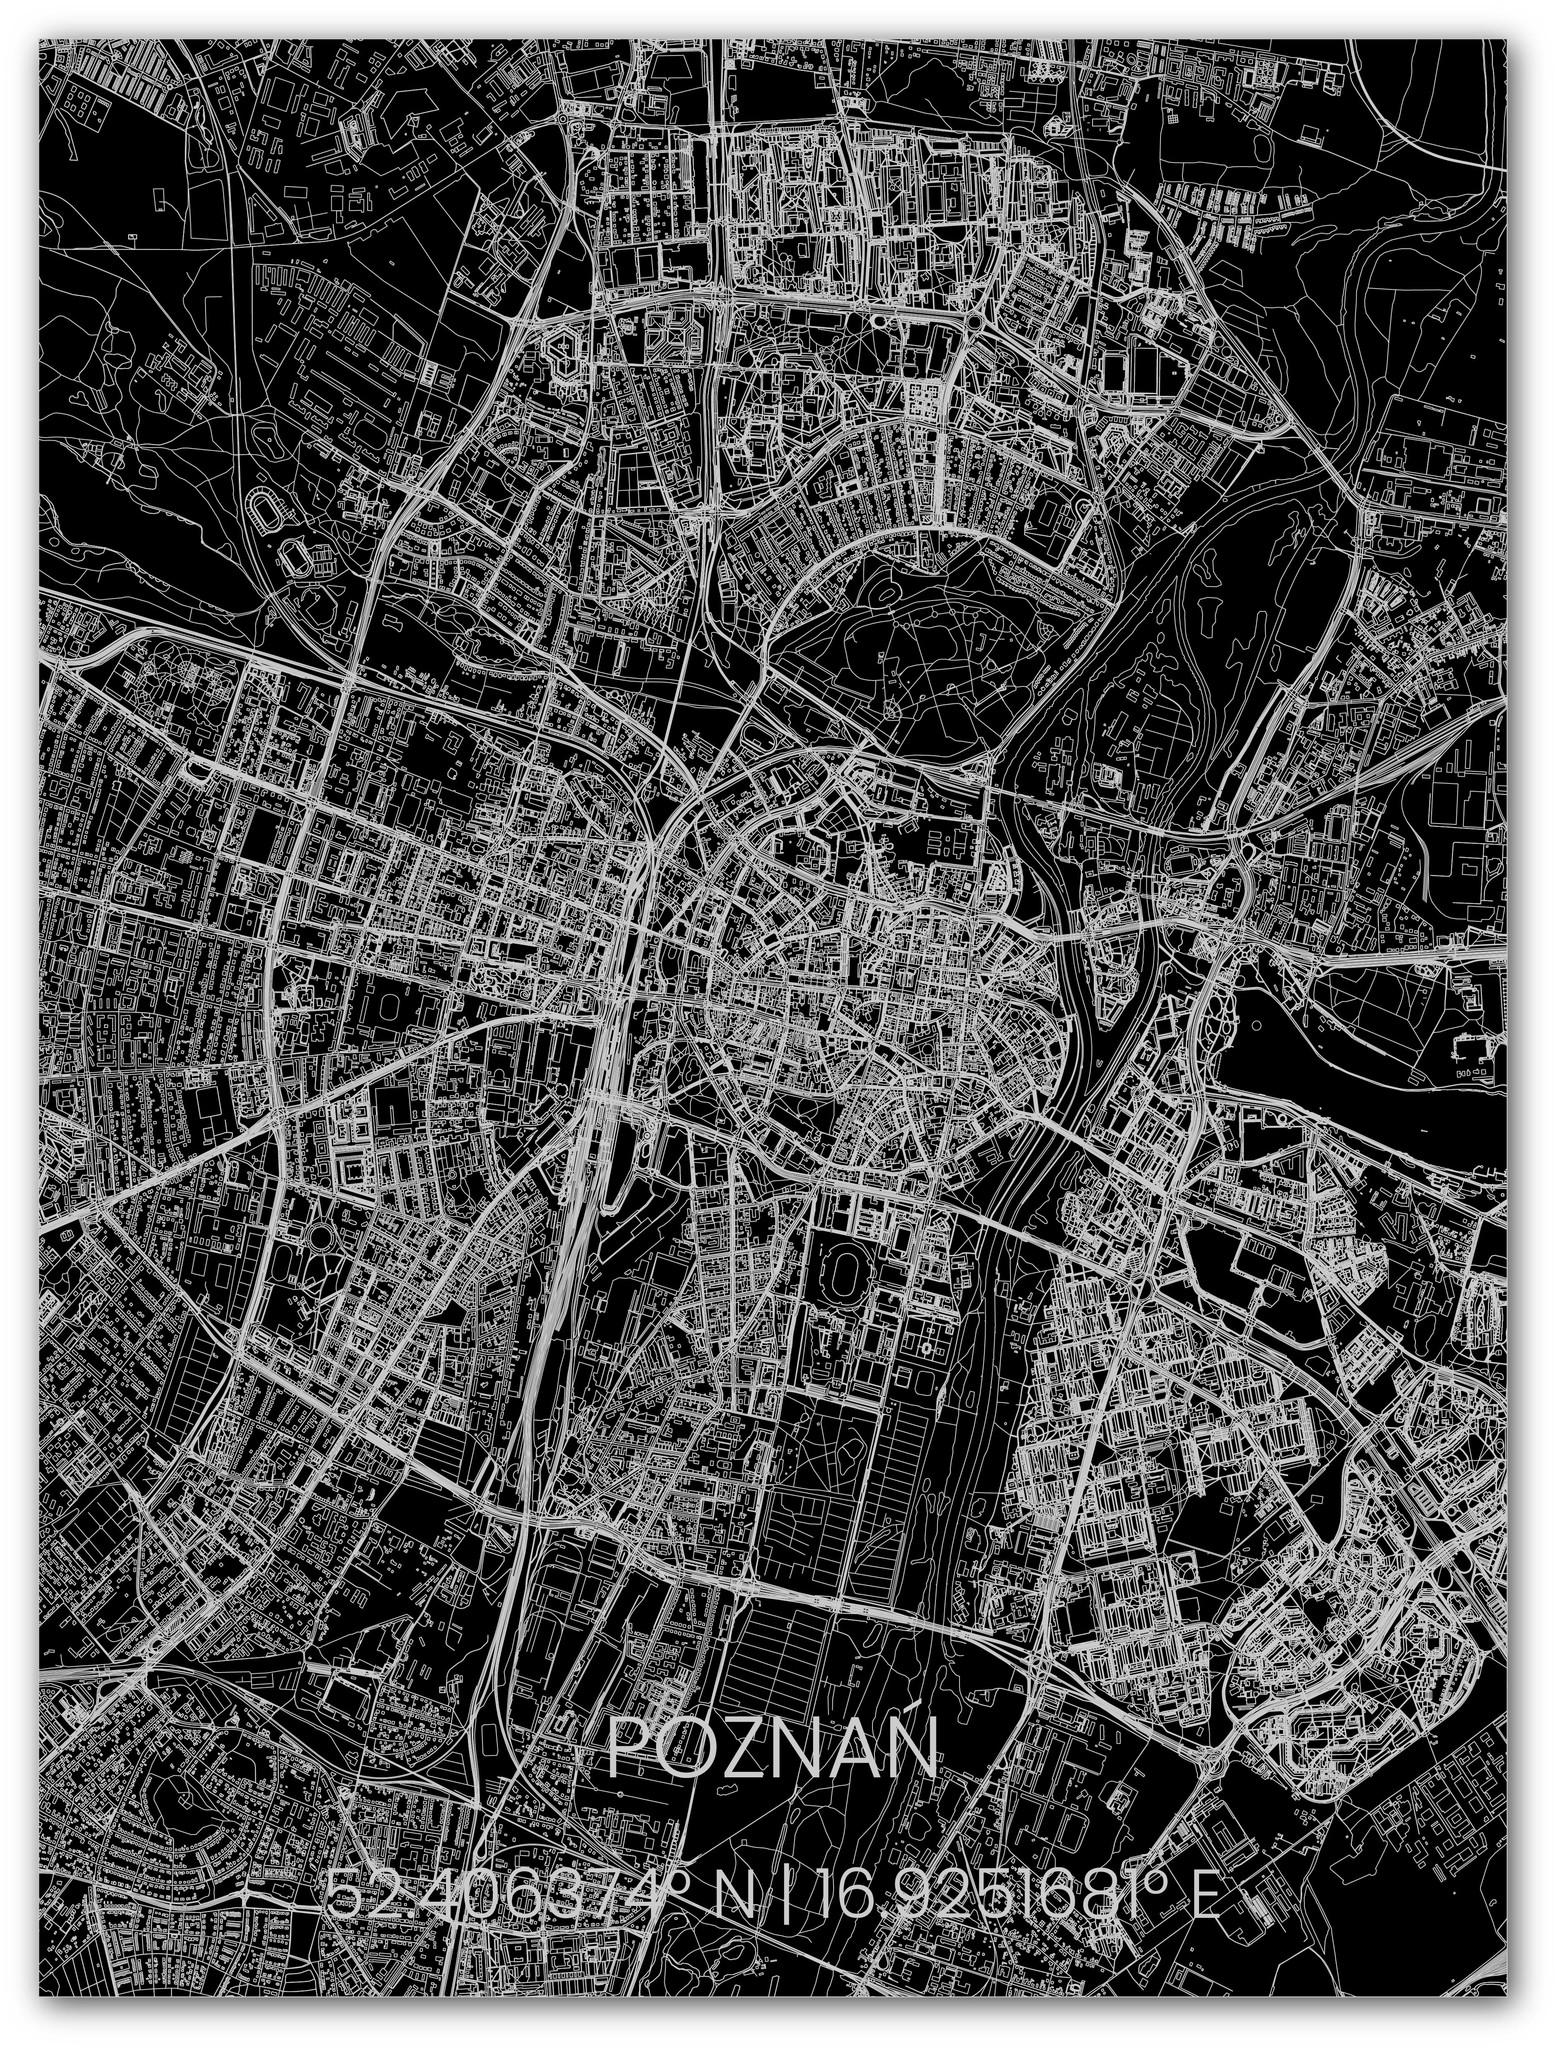 Stadtkarte Metal Poznań-1